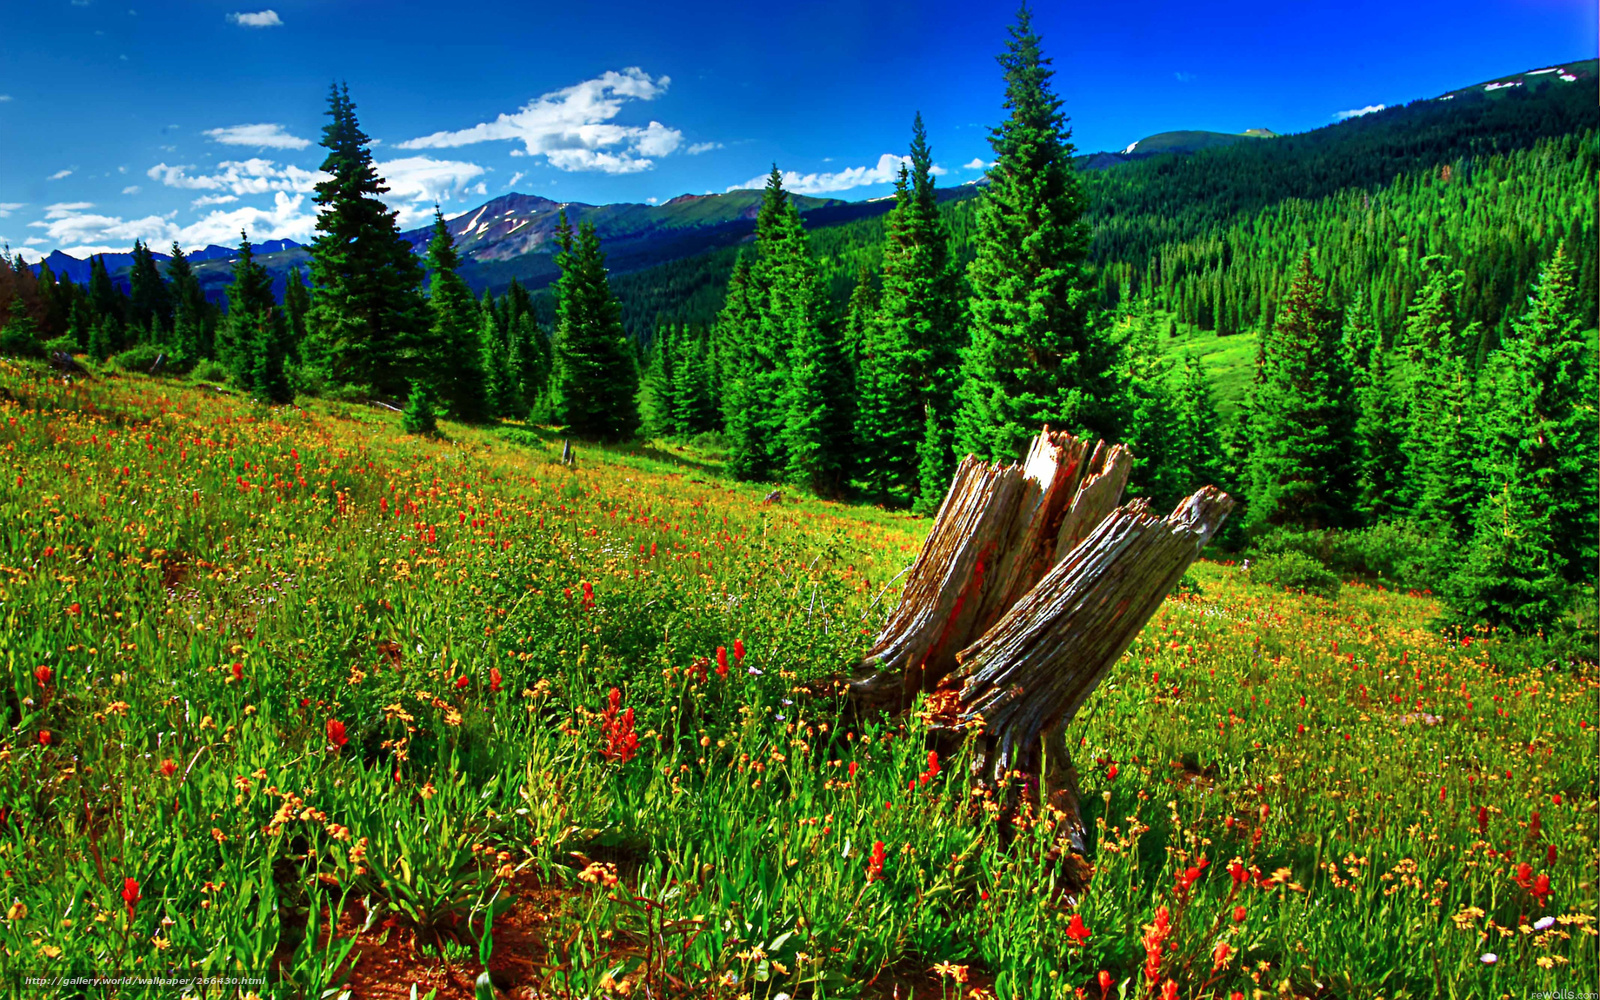 Descargar gratis naturaleza paisaje verano fondos de escritorio en la resolucin 2560x1600 - Fondos de escritorio verano ...